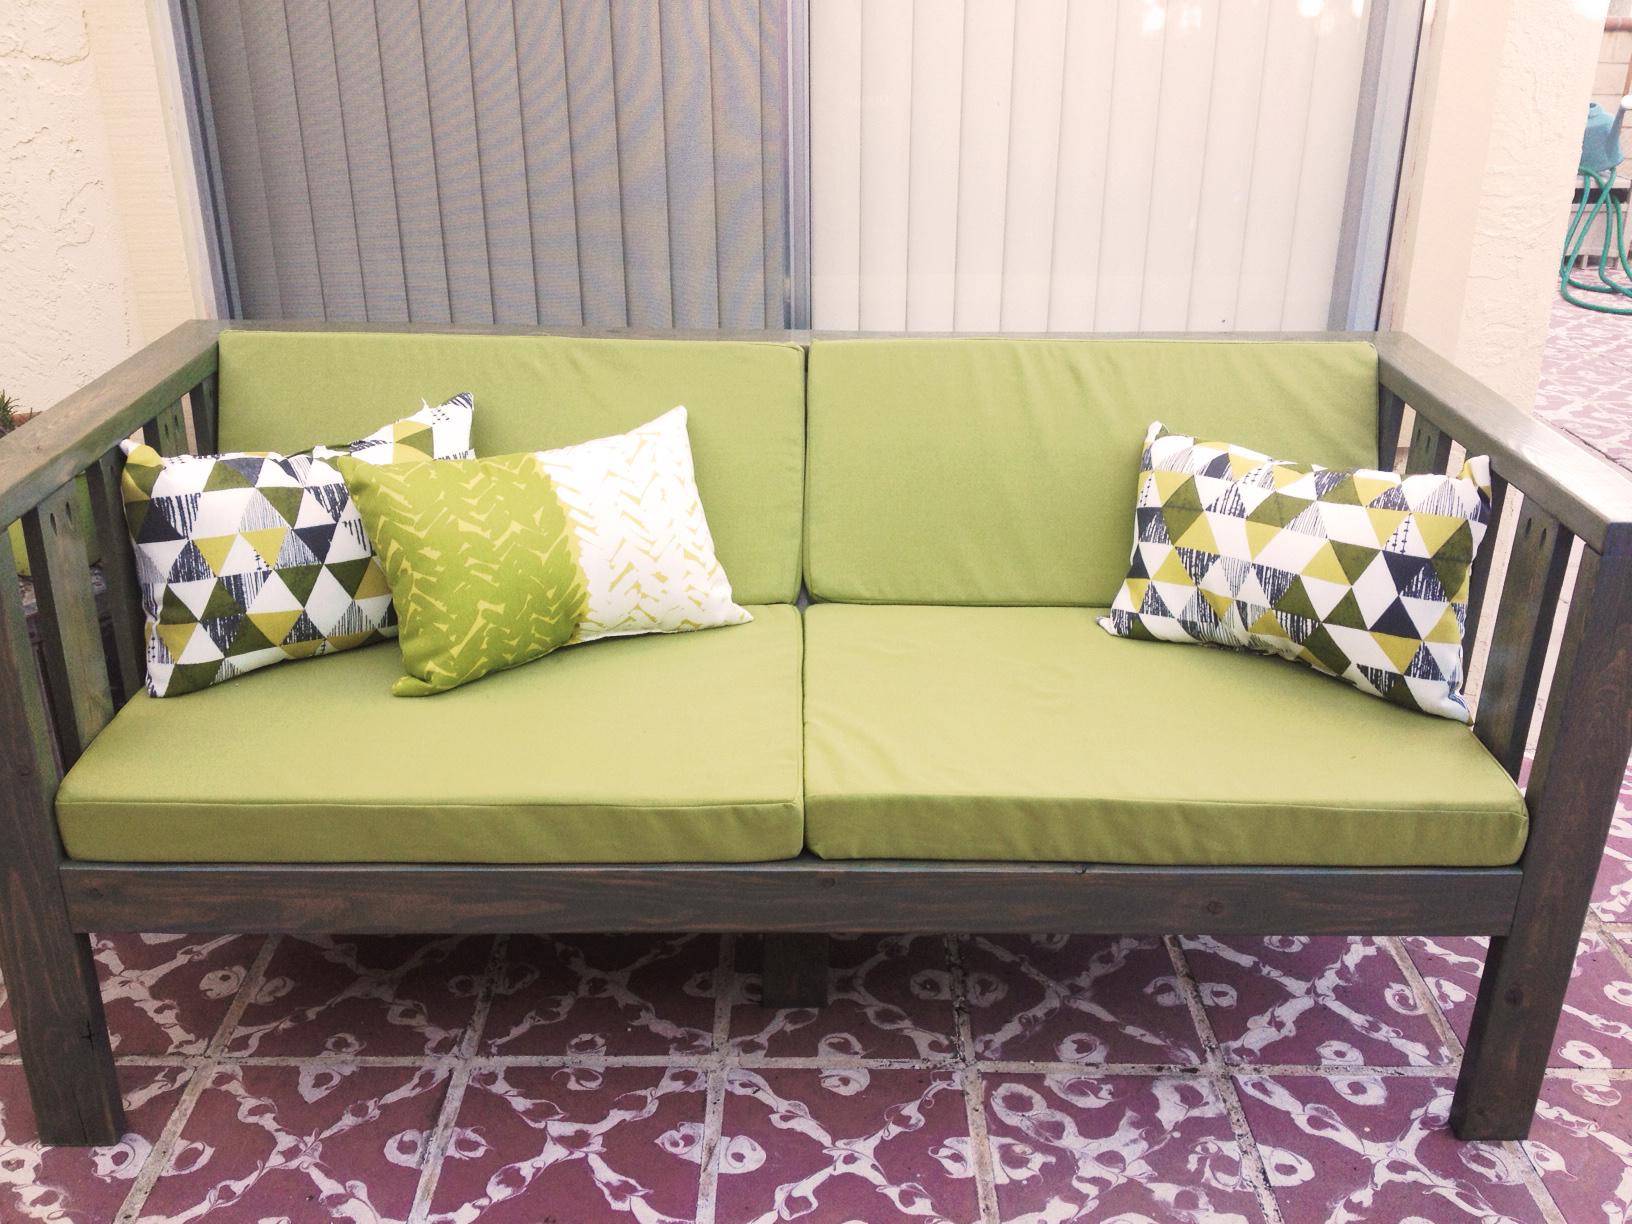 Our DIY Patio Sofa Vivagood